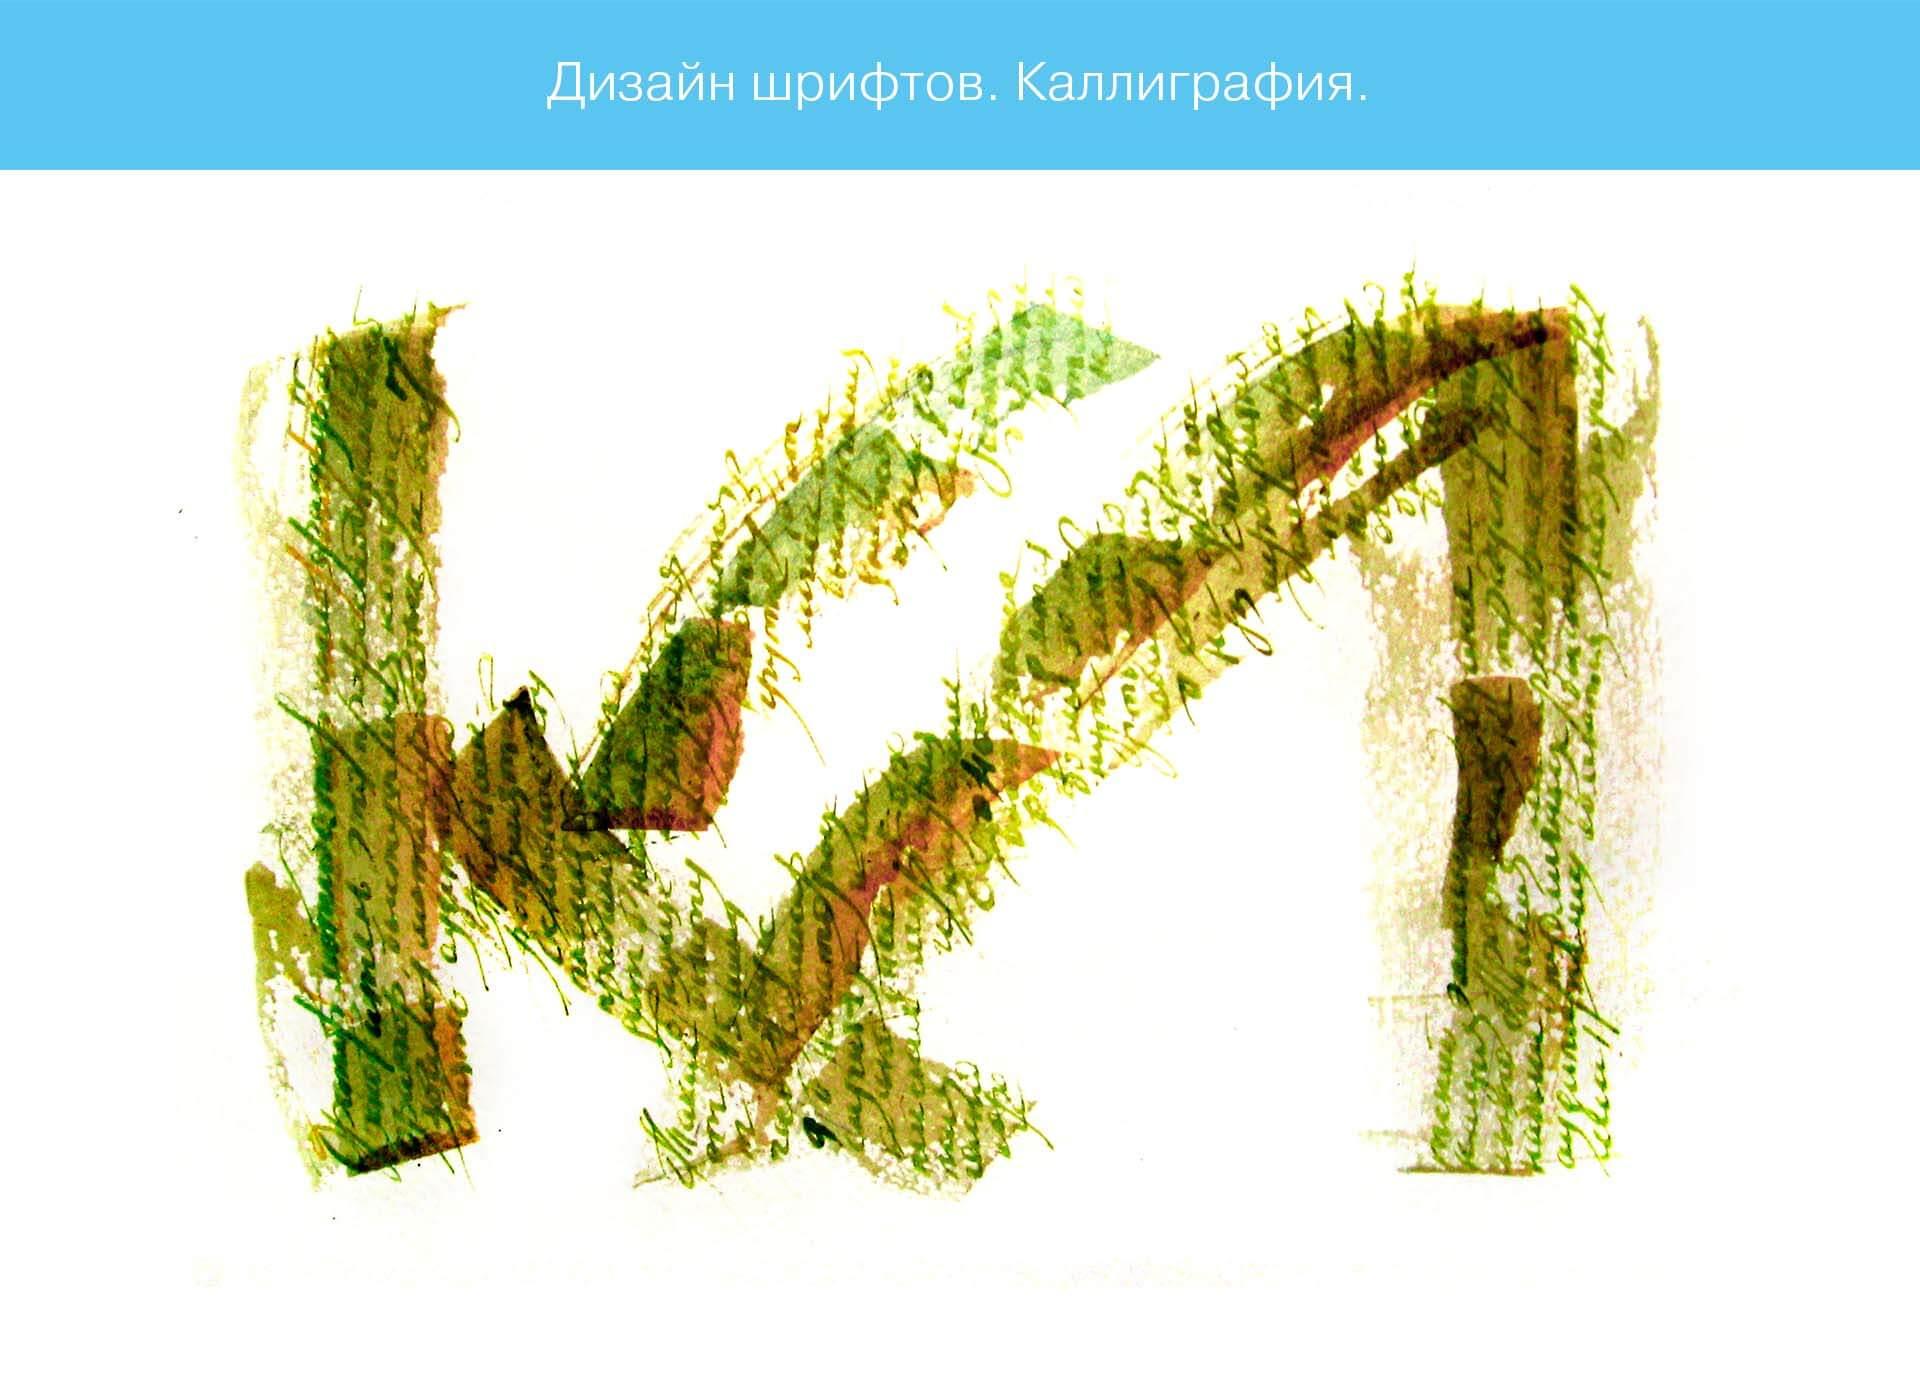 prokochuk_irina_font-design_calligraphy_3